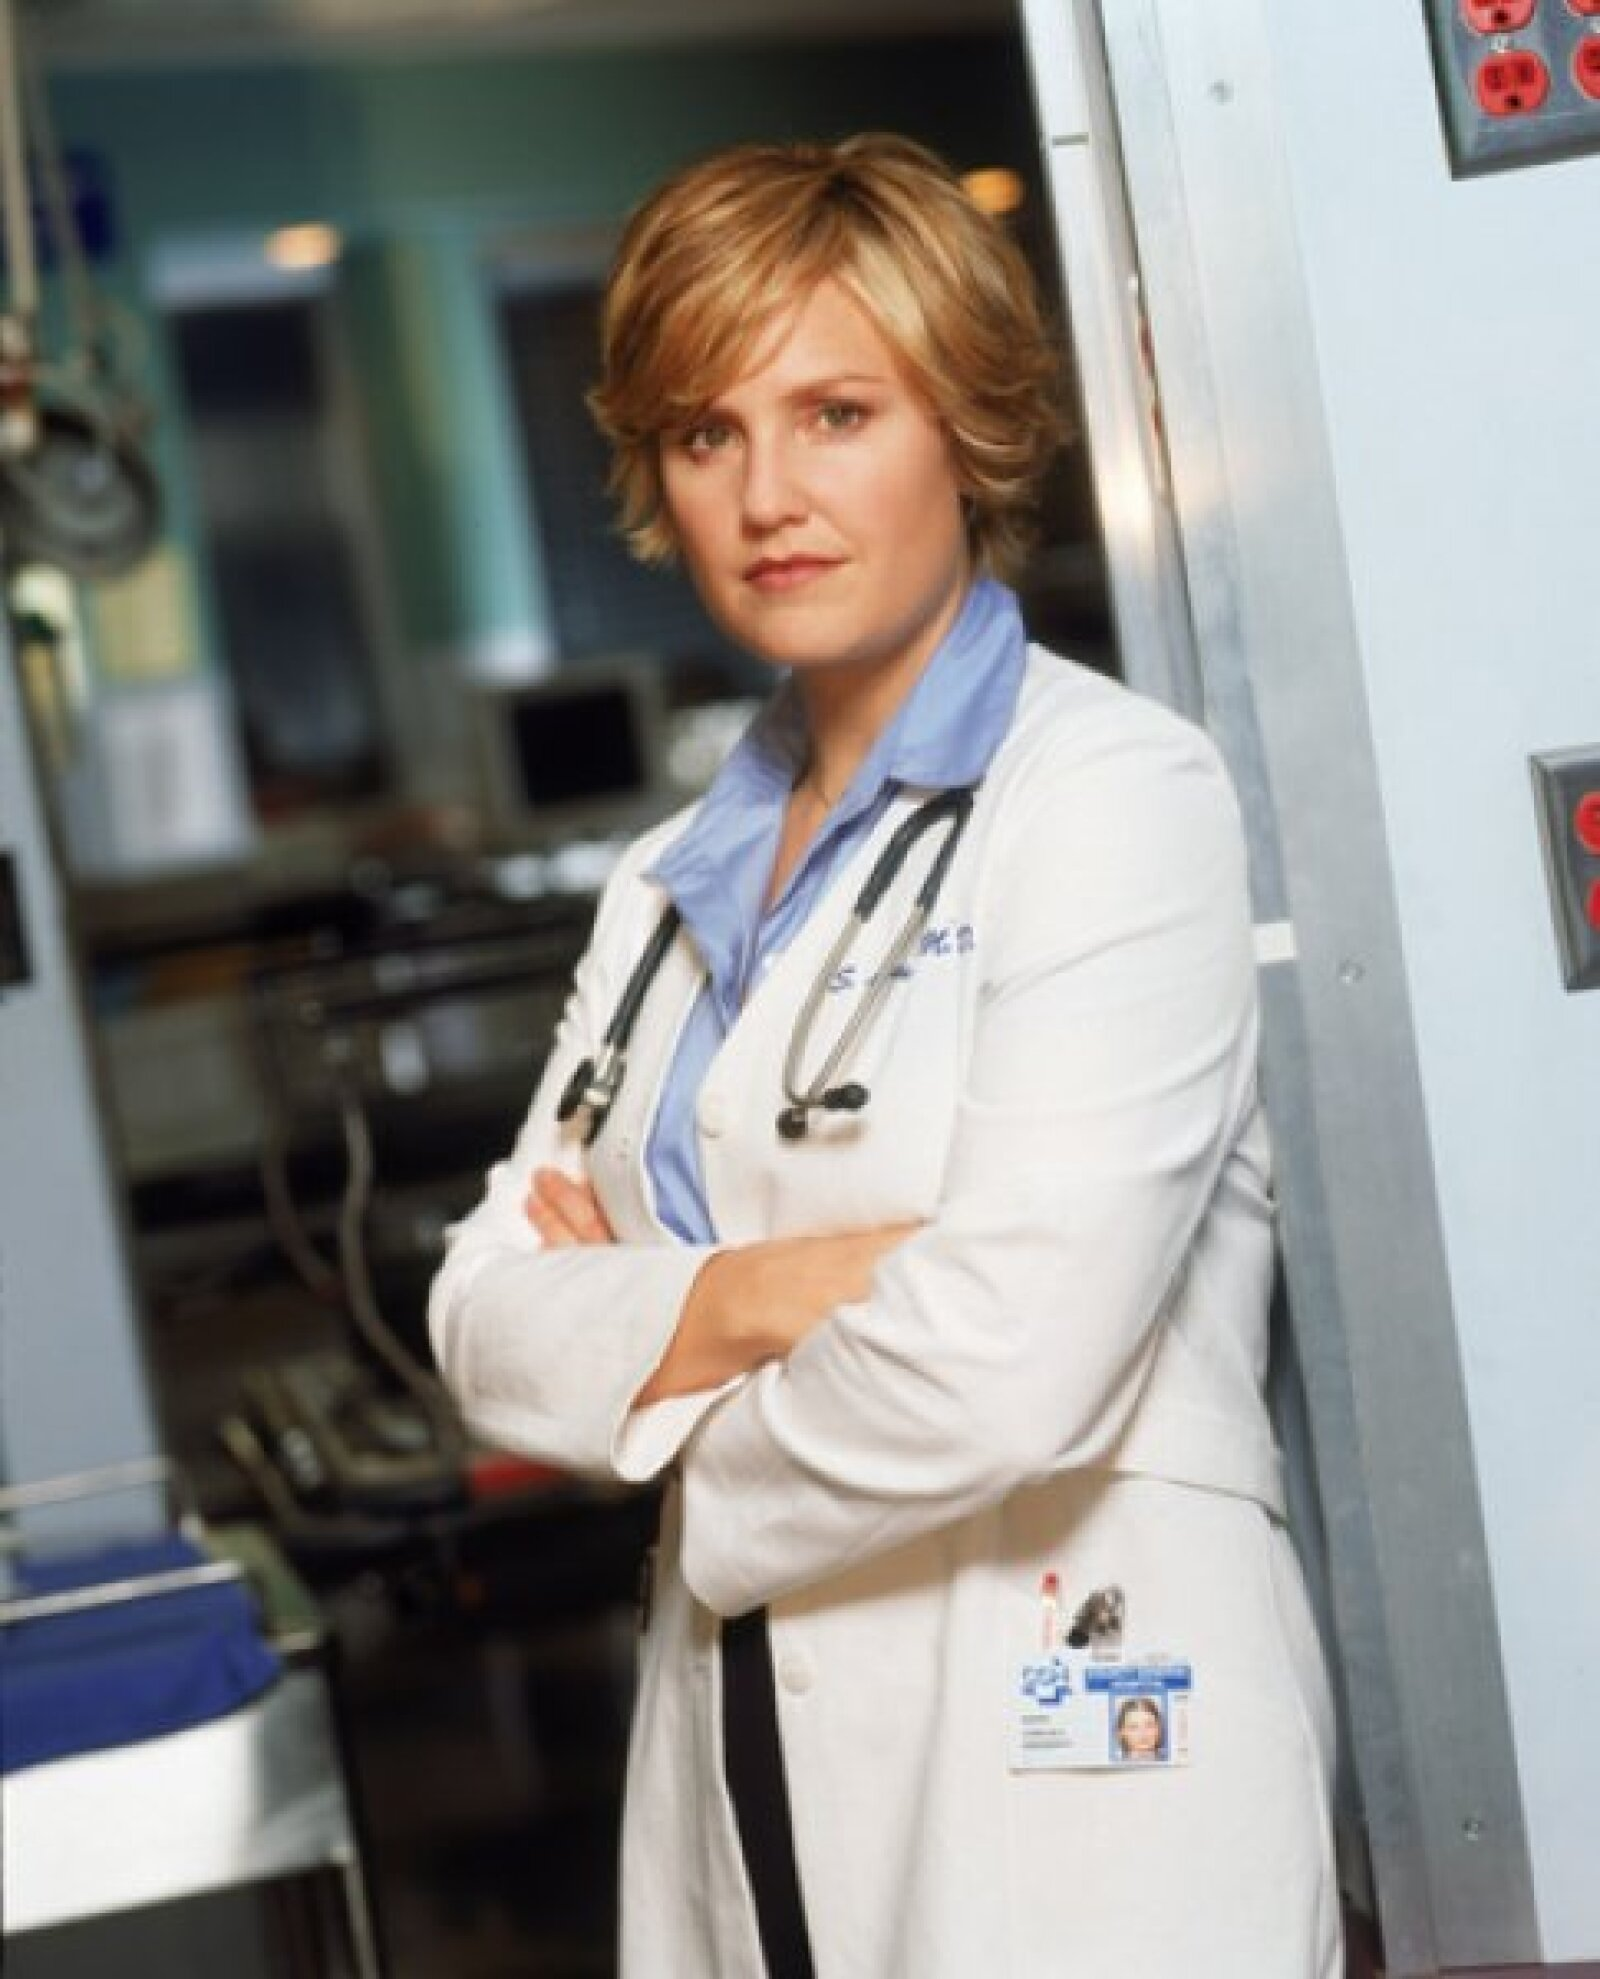 La Dra. Susan Lewis, quien estuvo en 143 capitulo de ER, fue interpretada por la actriz Sherry Stringfield desde 1994 hasta 2009.